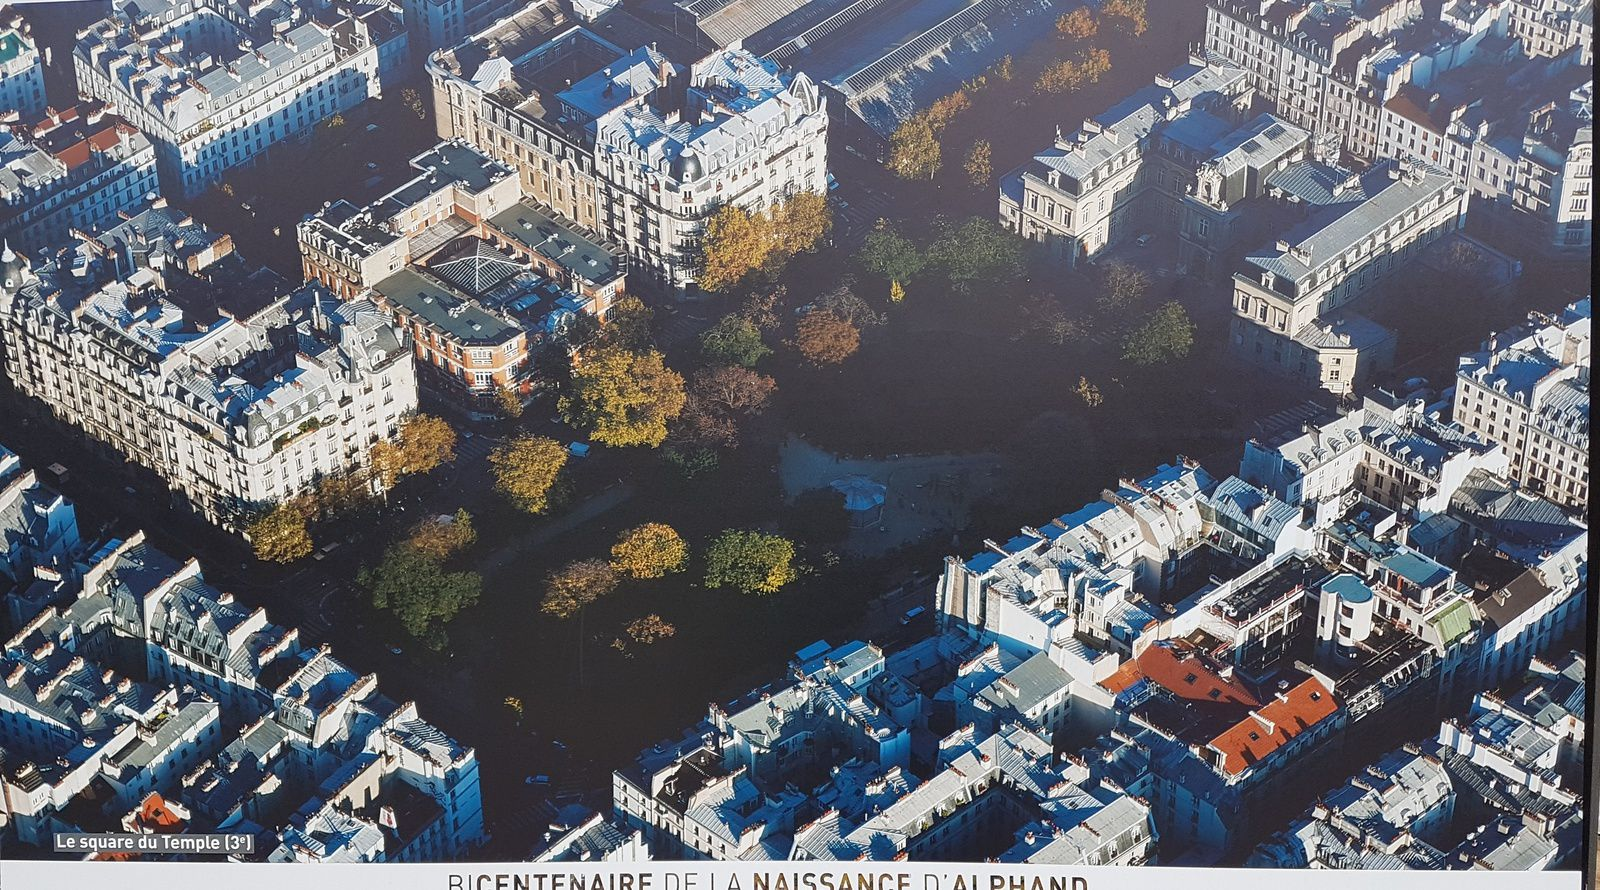 Le merveilleux parc des Buttes-Chaumont, à Paris 19ème.